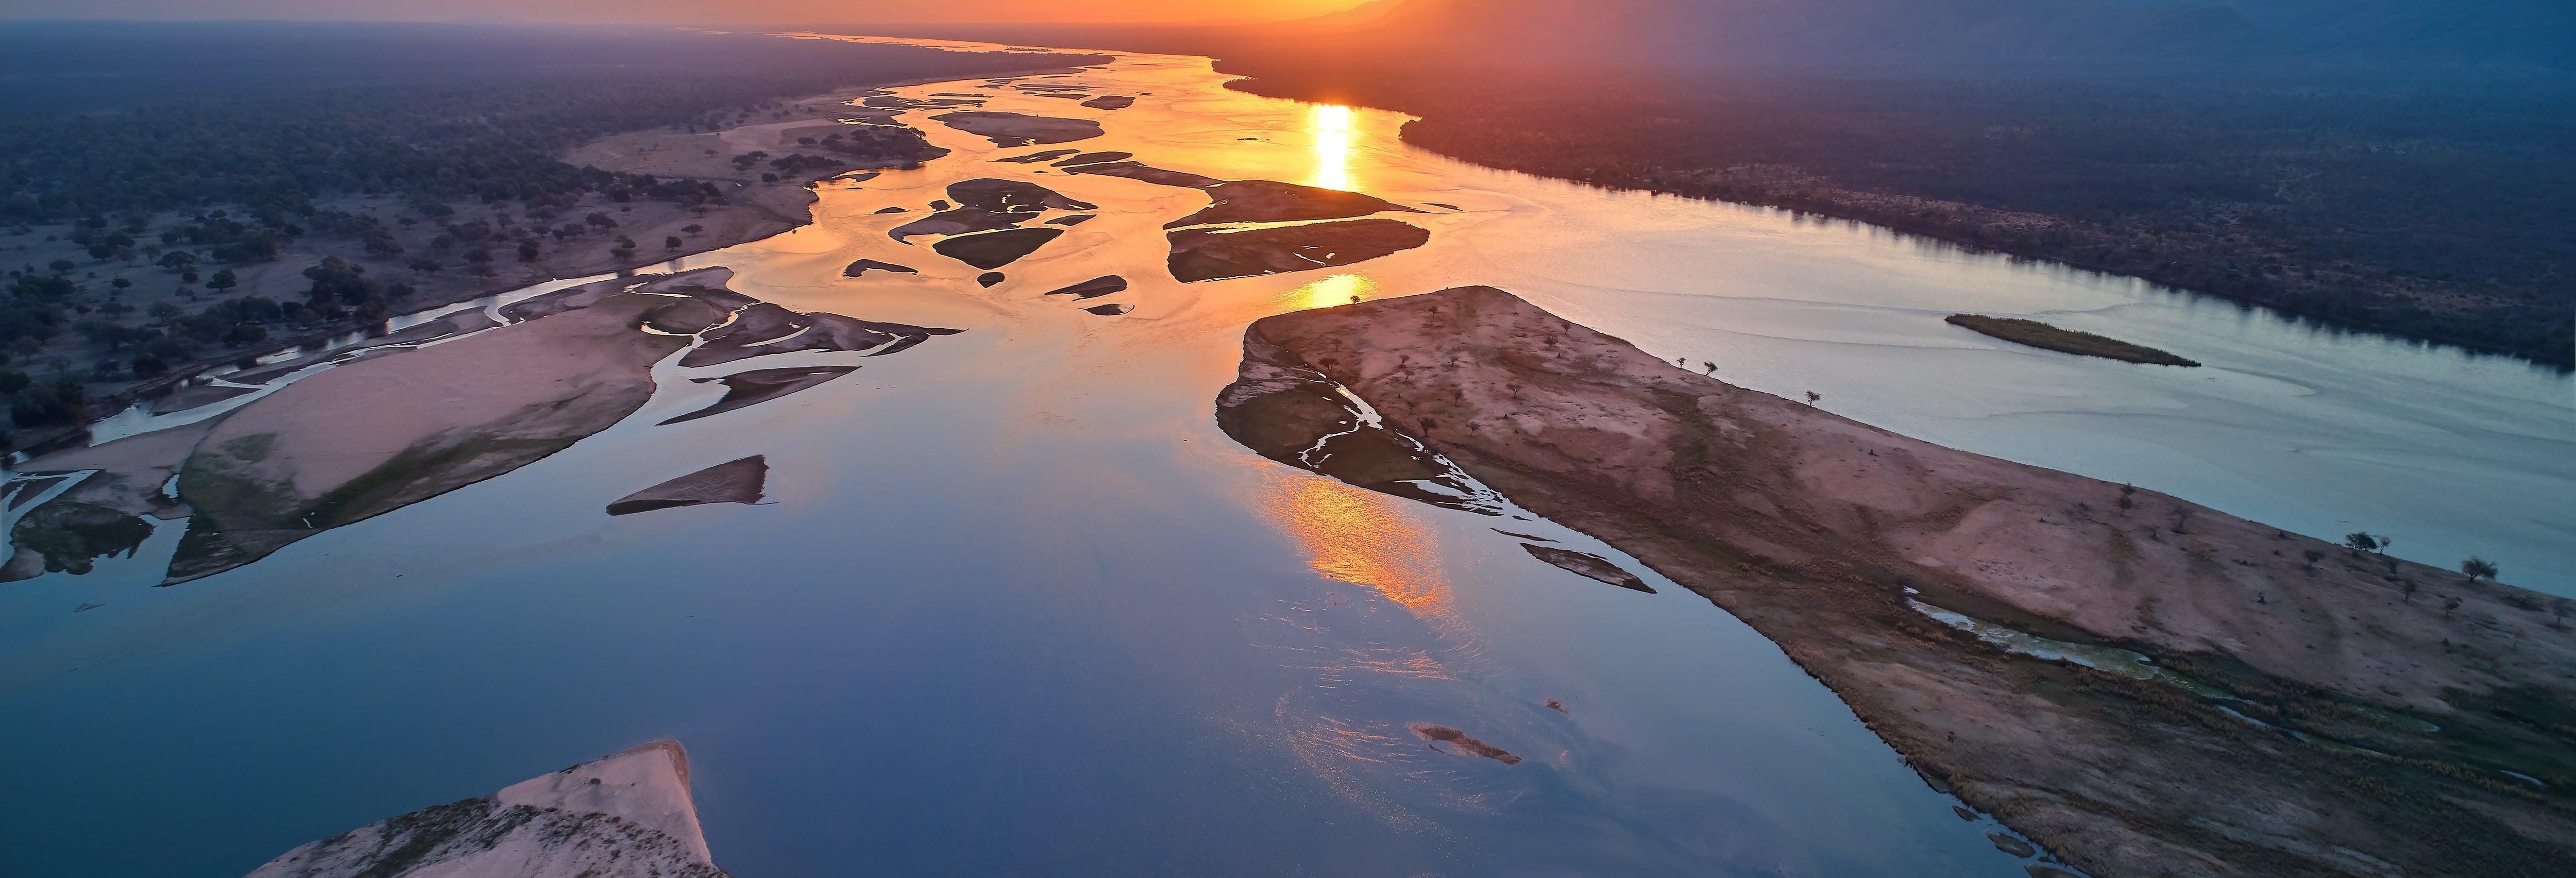 Crociera al tramonto sullo Zambesi